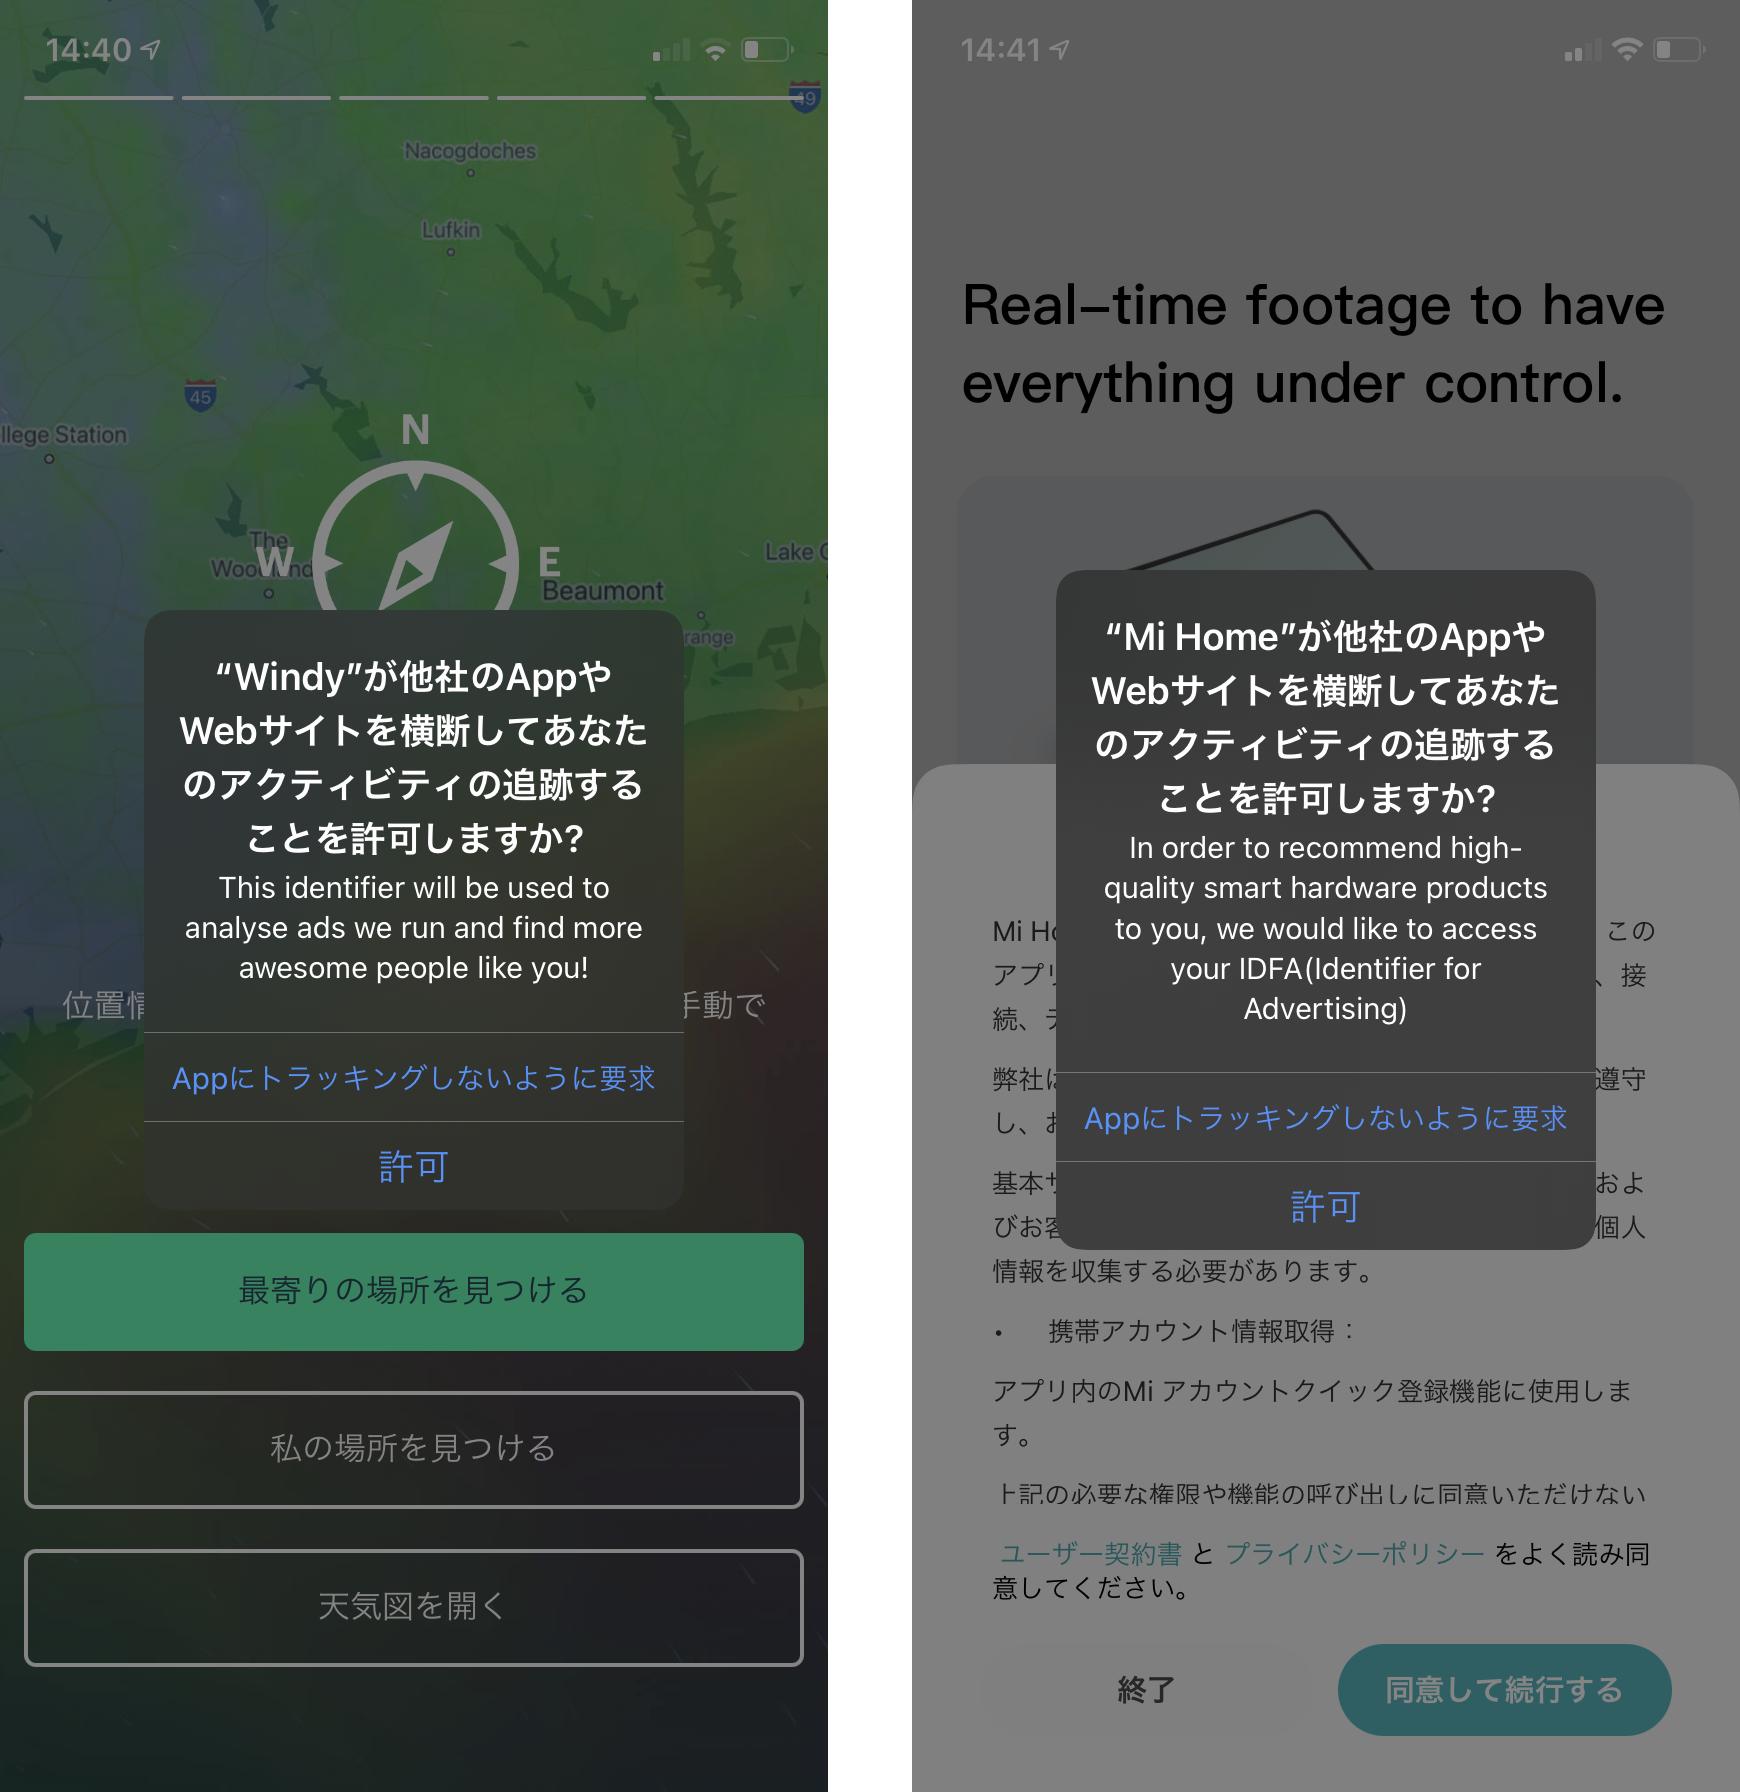 iOS 14.5のトラッキング要求メッセージ。「他社のAppやWebサイトを横断してあなたのアクティビティの追跡することを許可しますか?」